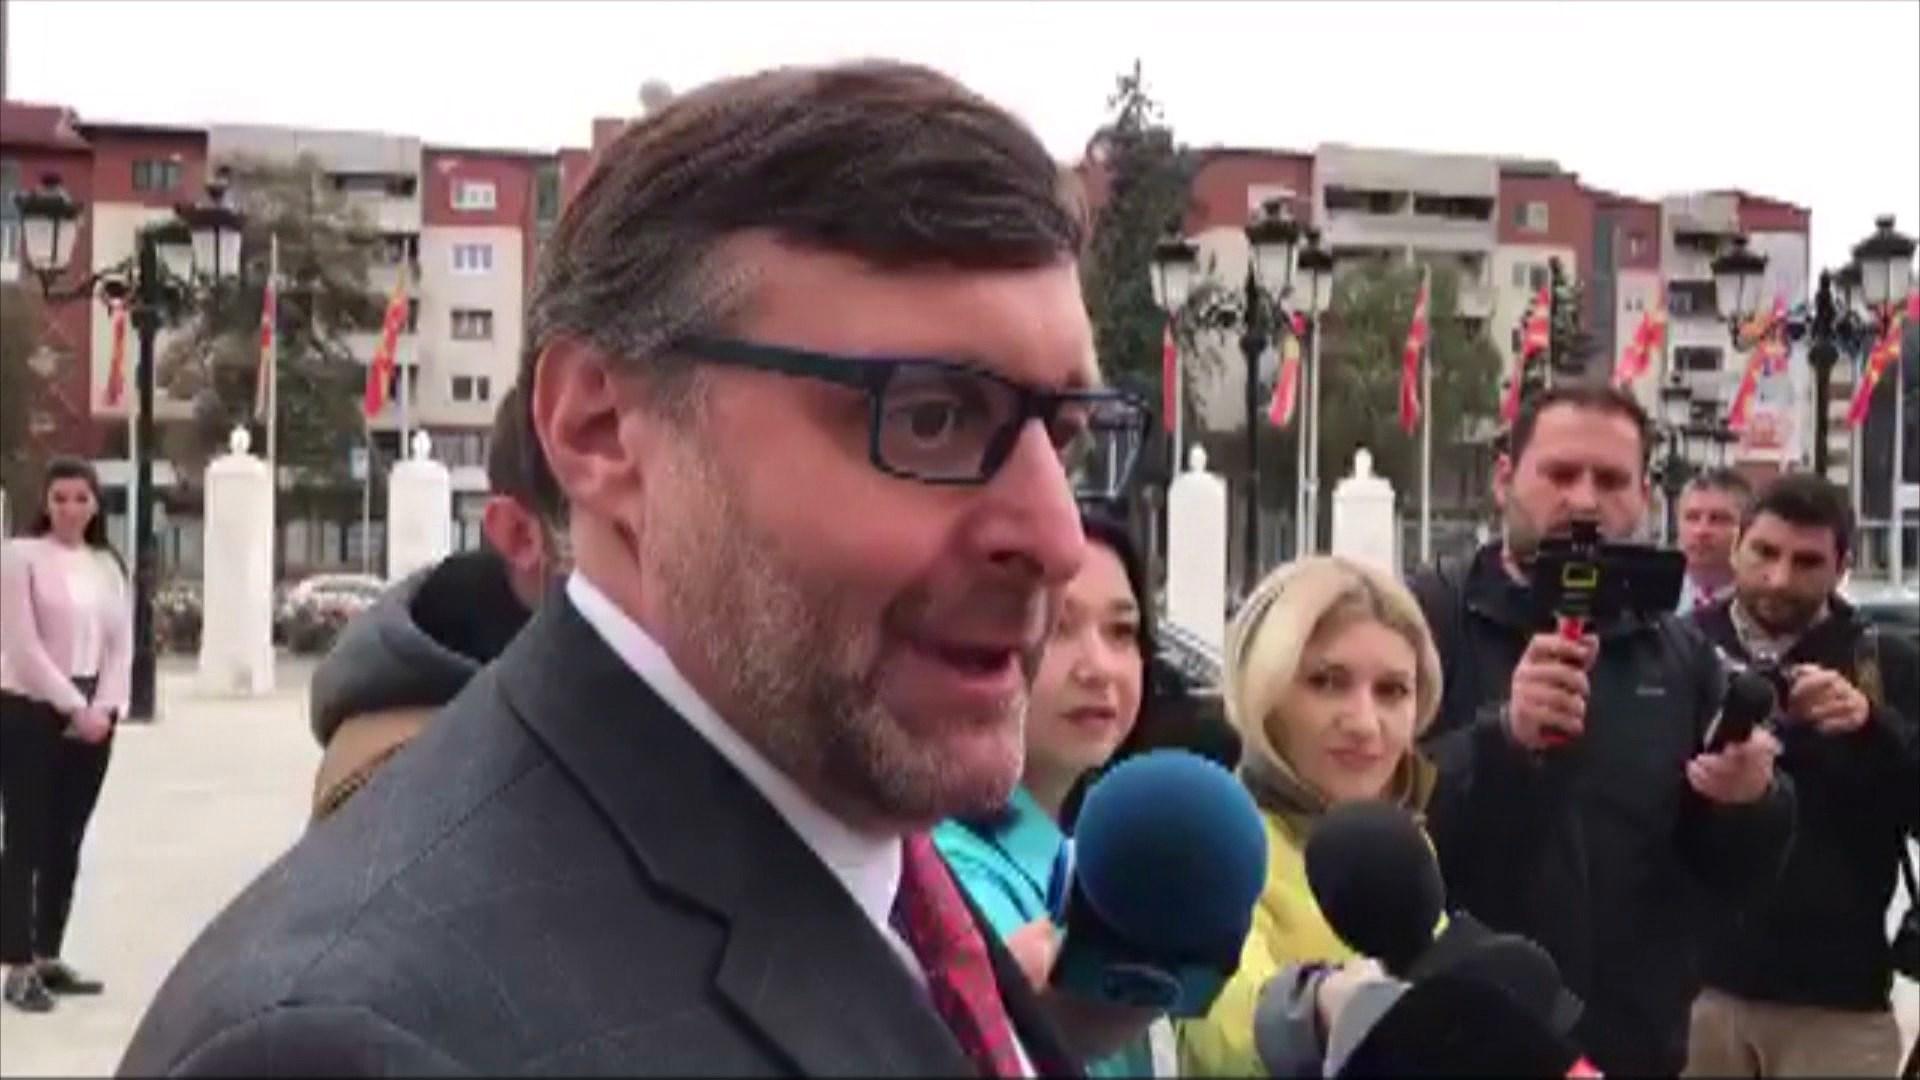 Palmer në Shkup: Marrëveshja e Prespës, thelbësore për paqen dhe stabilitetin në Ballkan